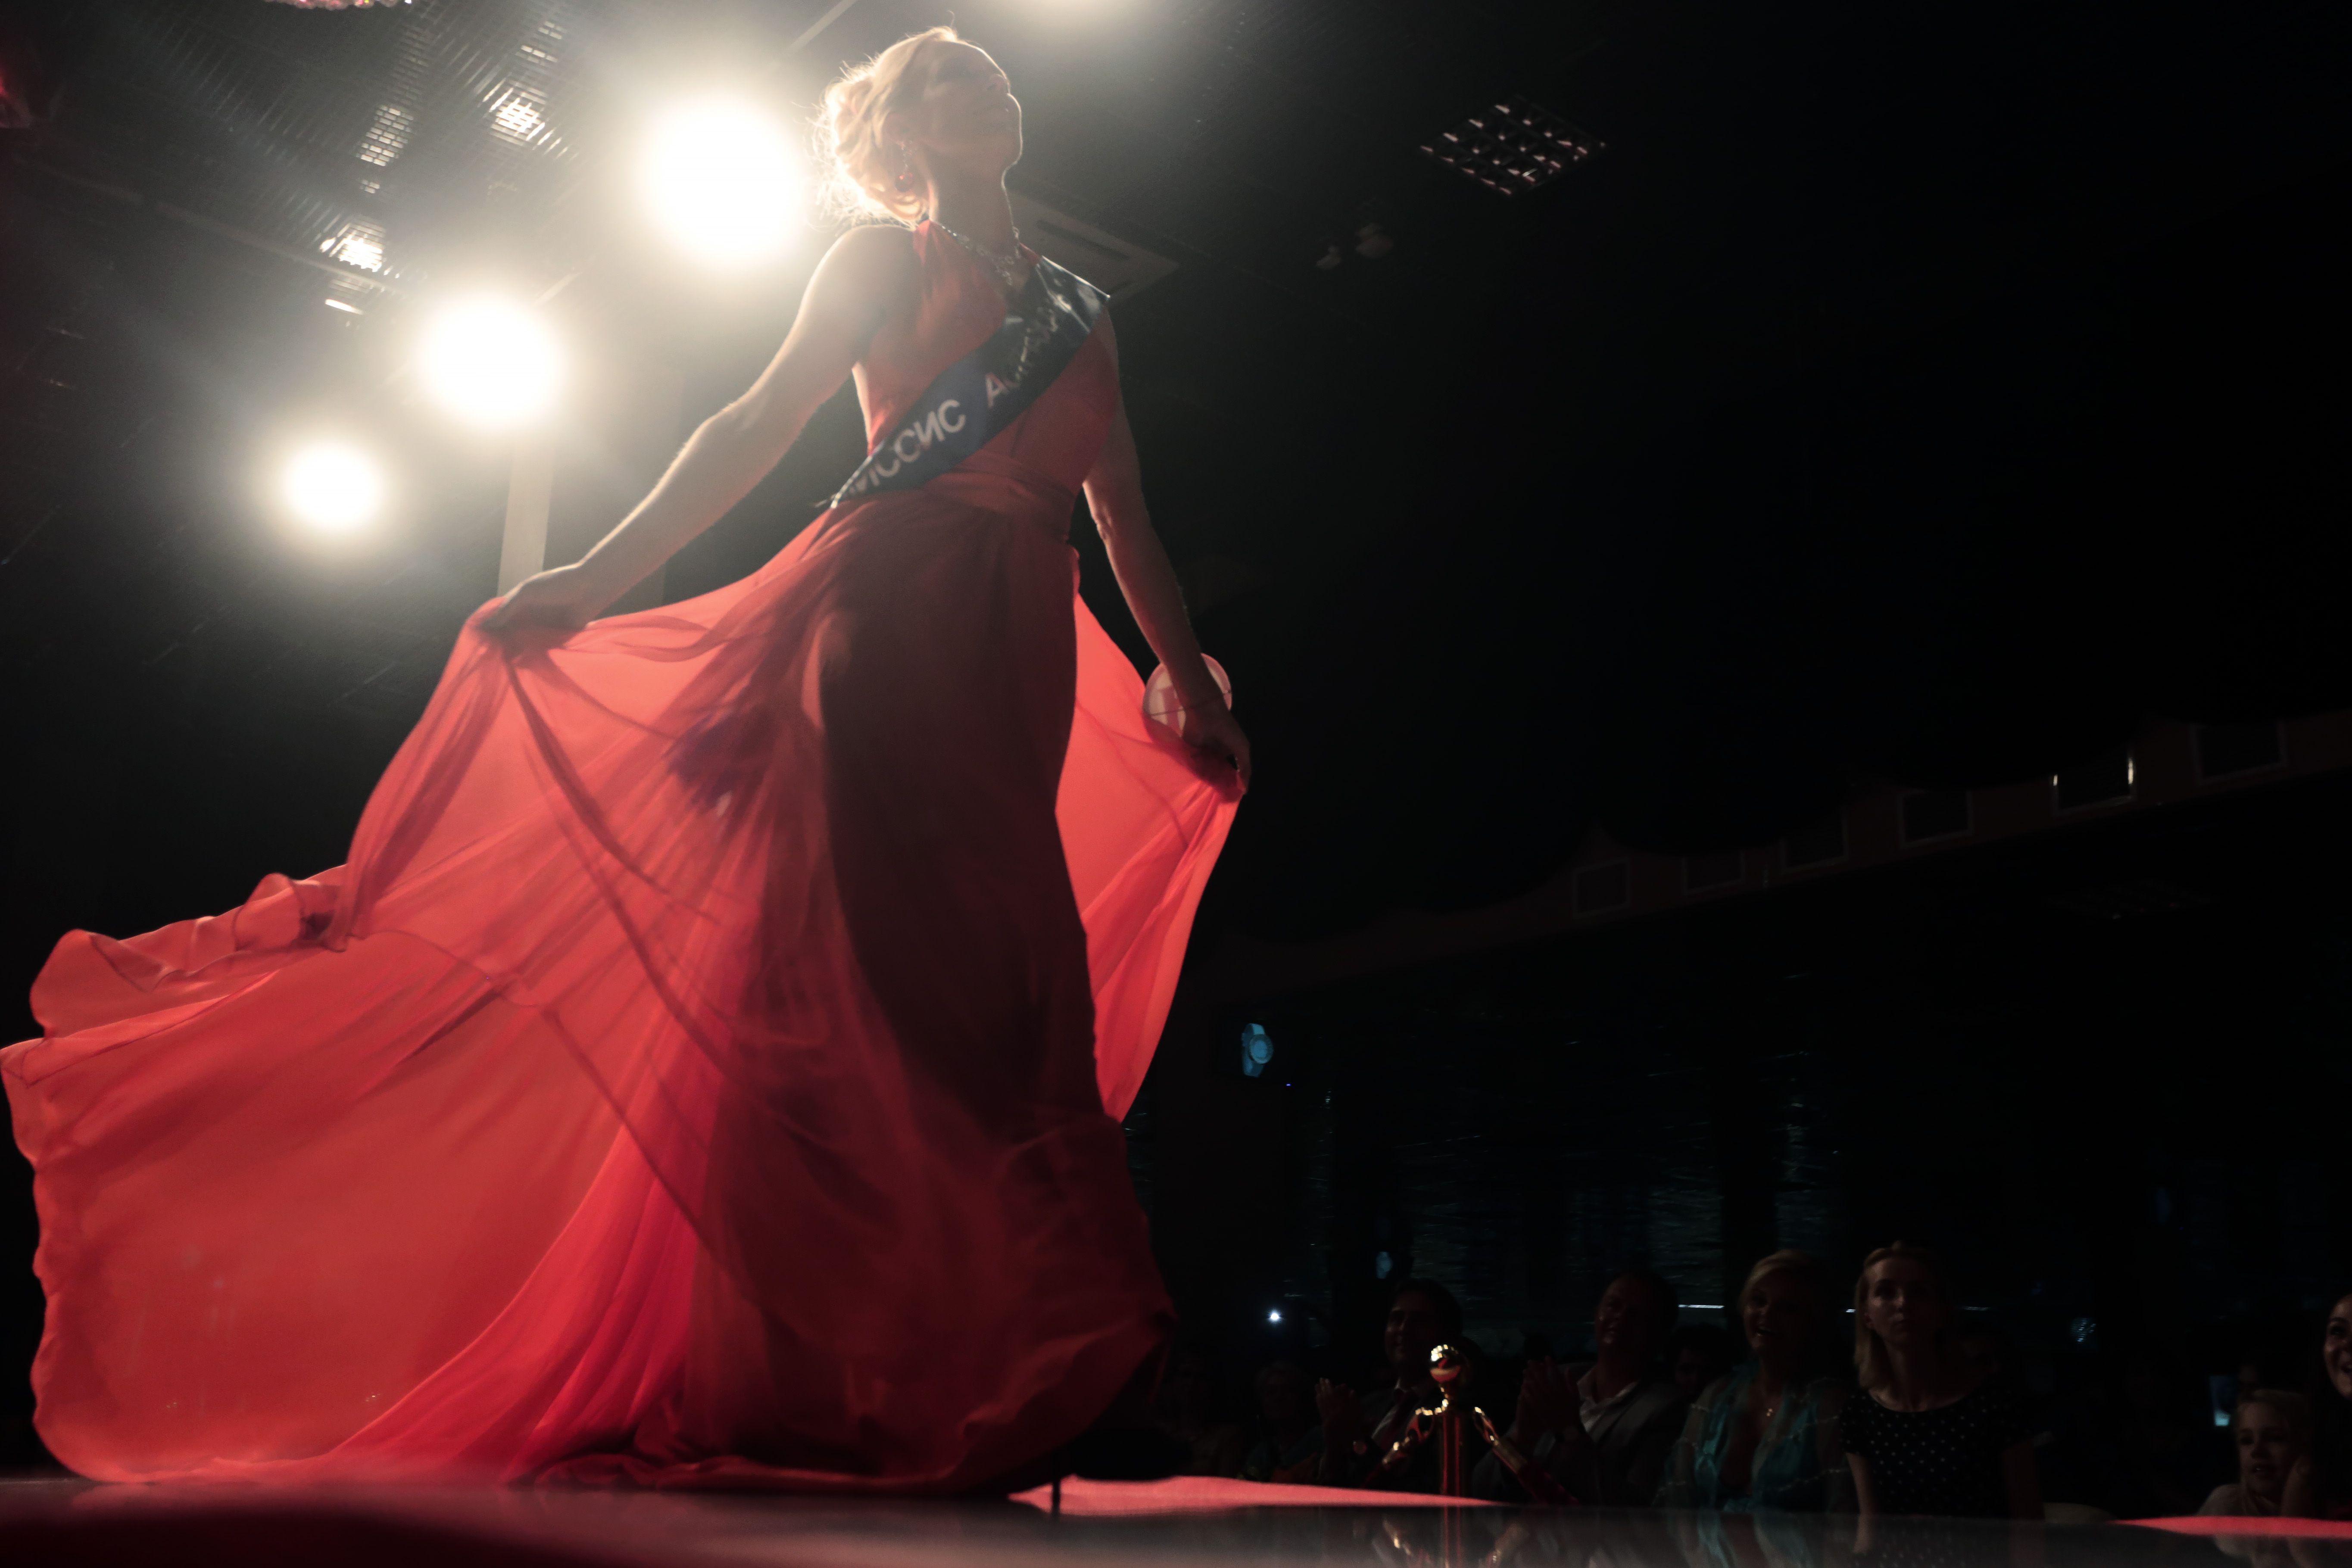 Результаты конкурса красоты объявят в Красной Пахре